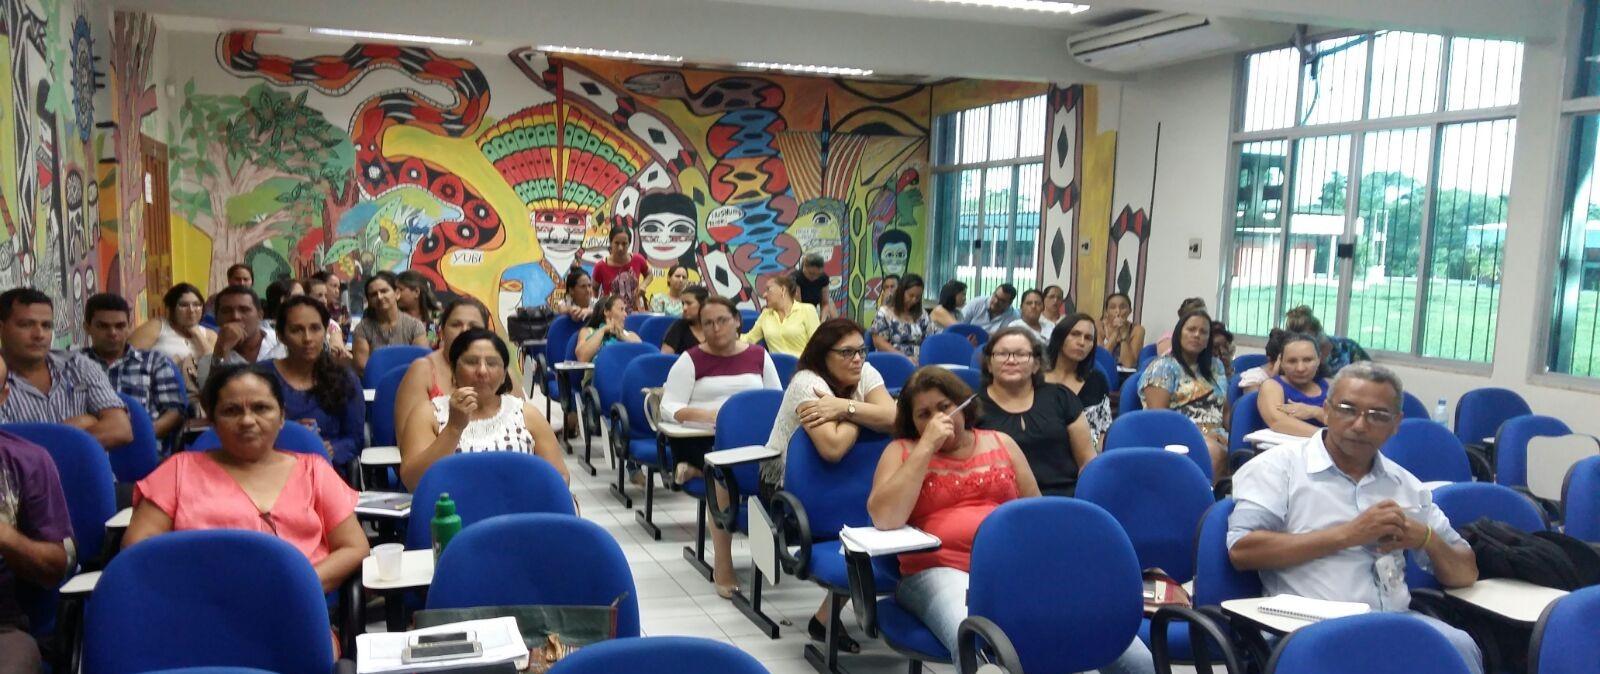 BNCC é pauta no encontro dos formadores do PNAIC em Rio Branco